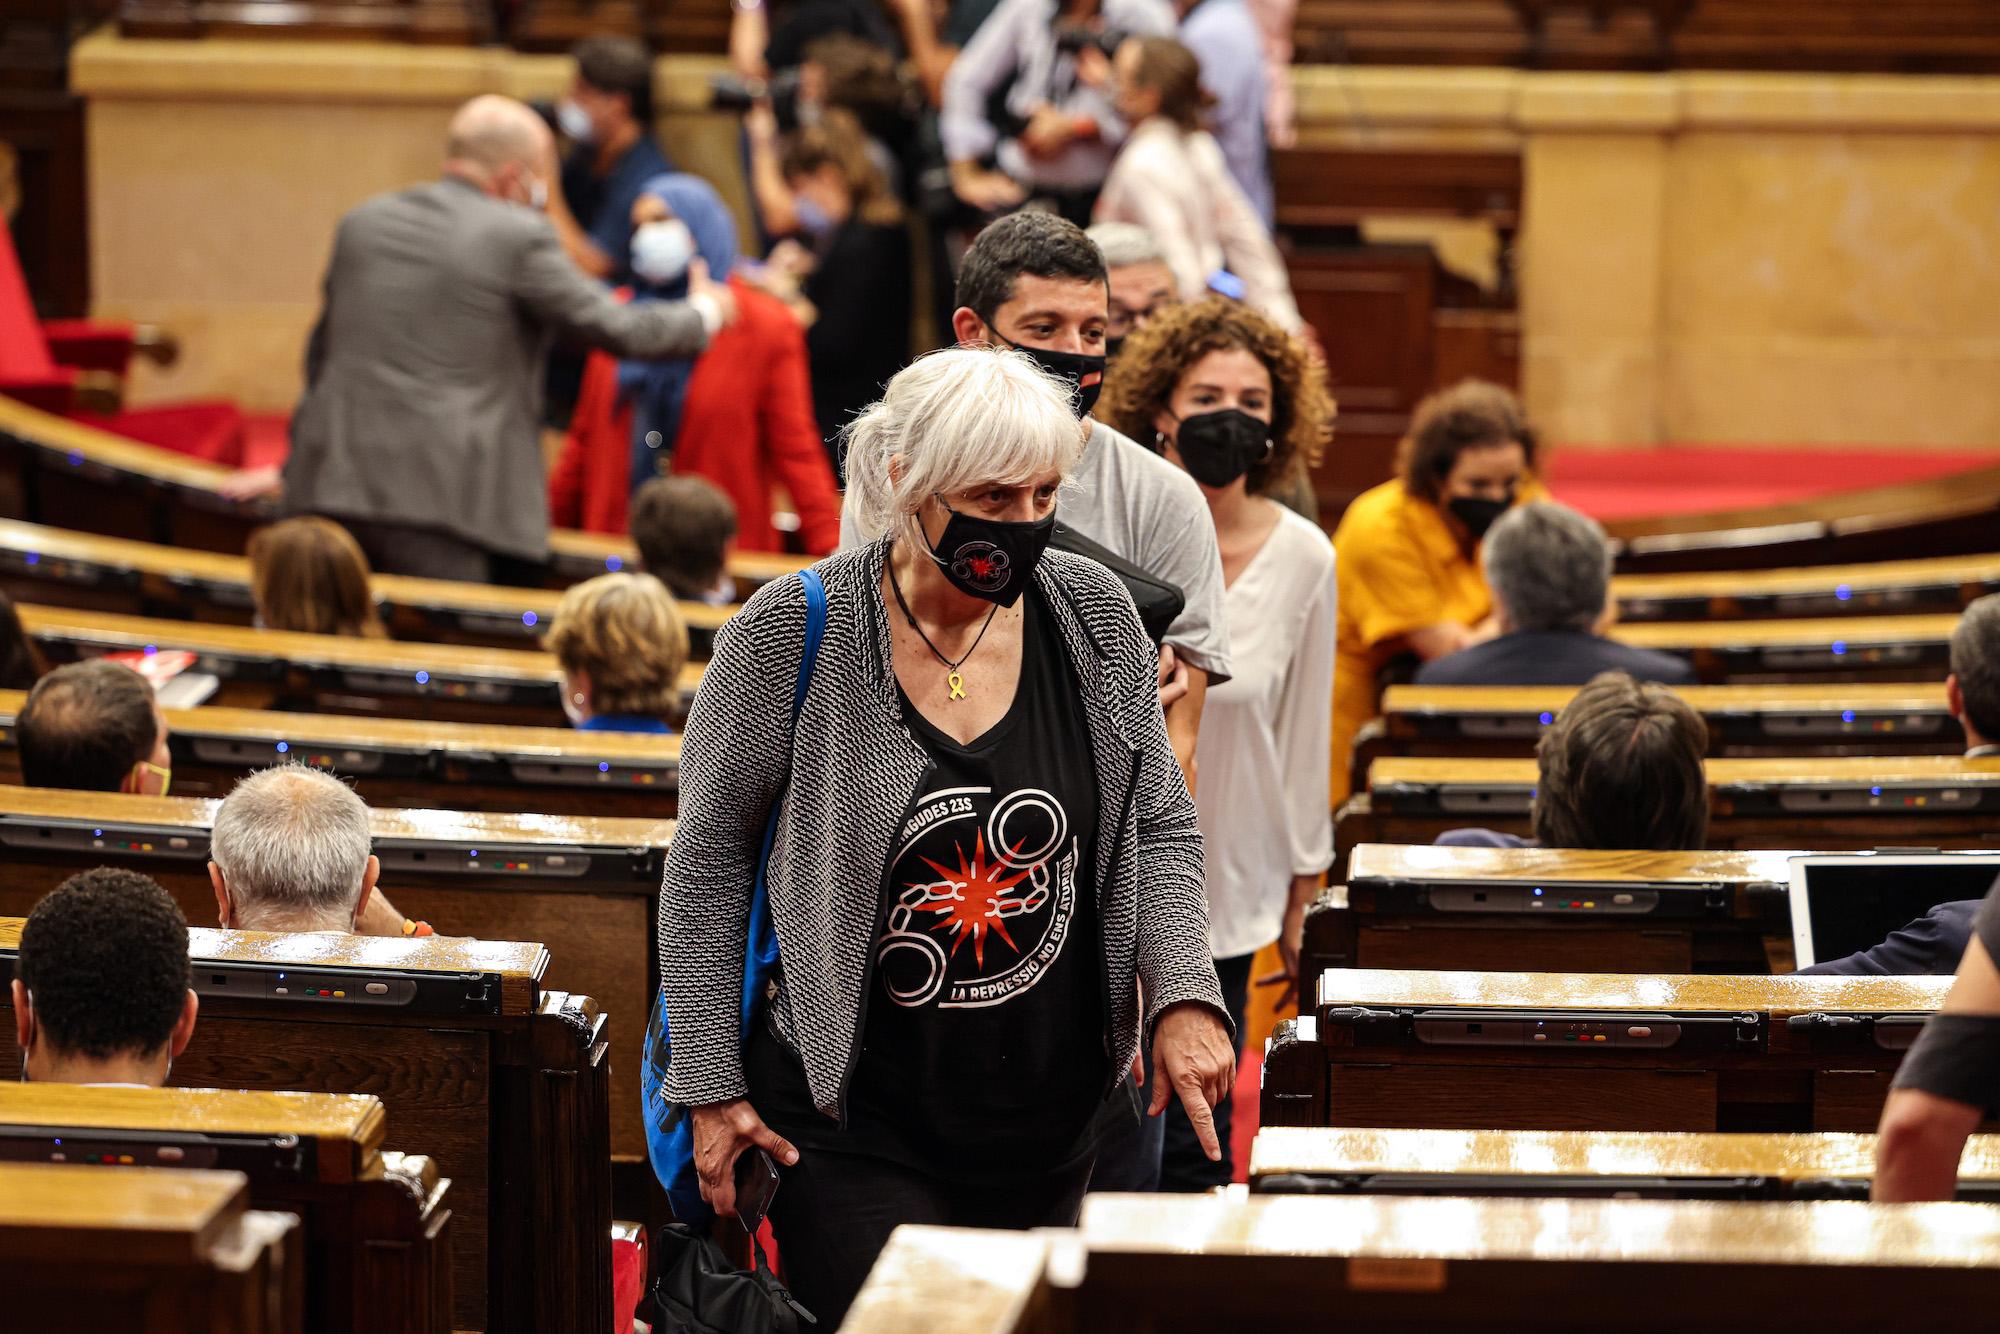 La diputada de la CUP Dolors Sabater, pujant les escales de l'hemicicle en la primera sessió del debat de política general, aquest dimarts / Jordi Borràs